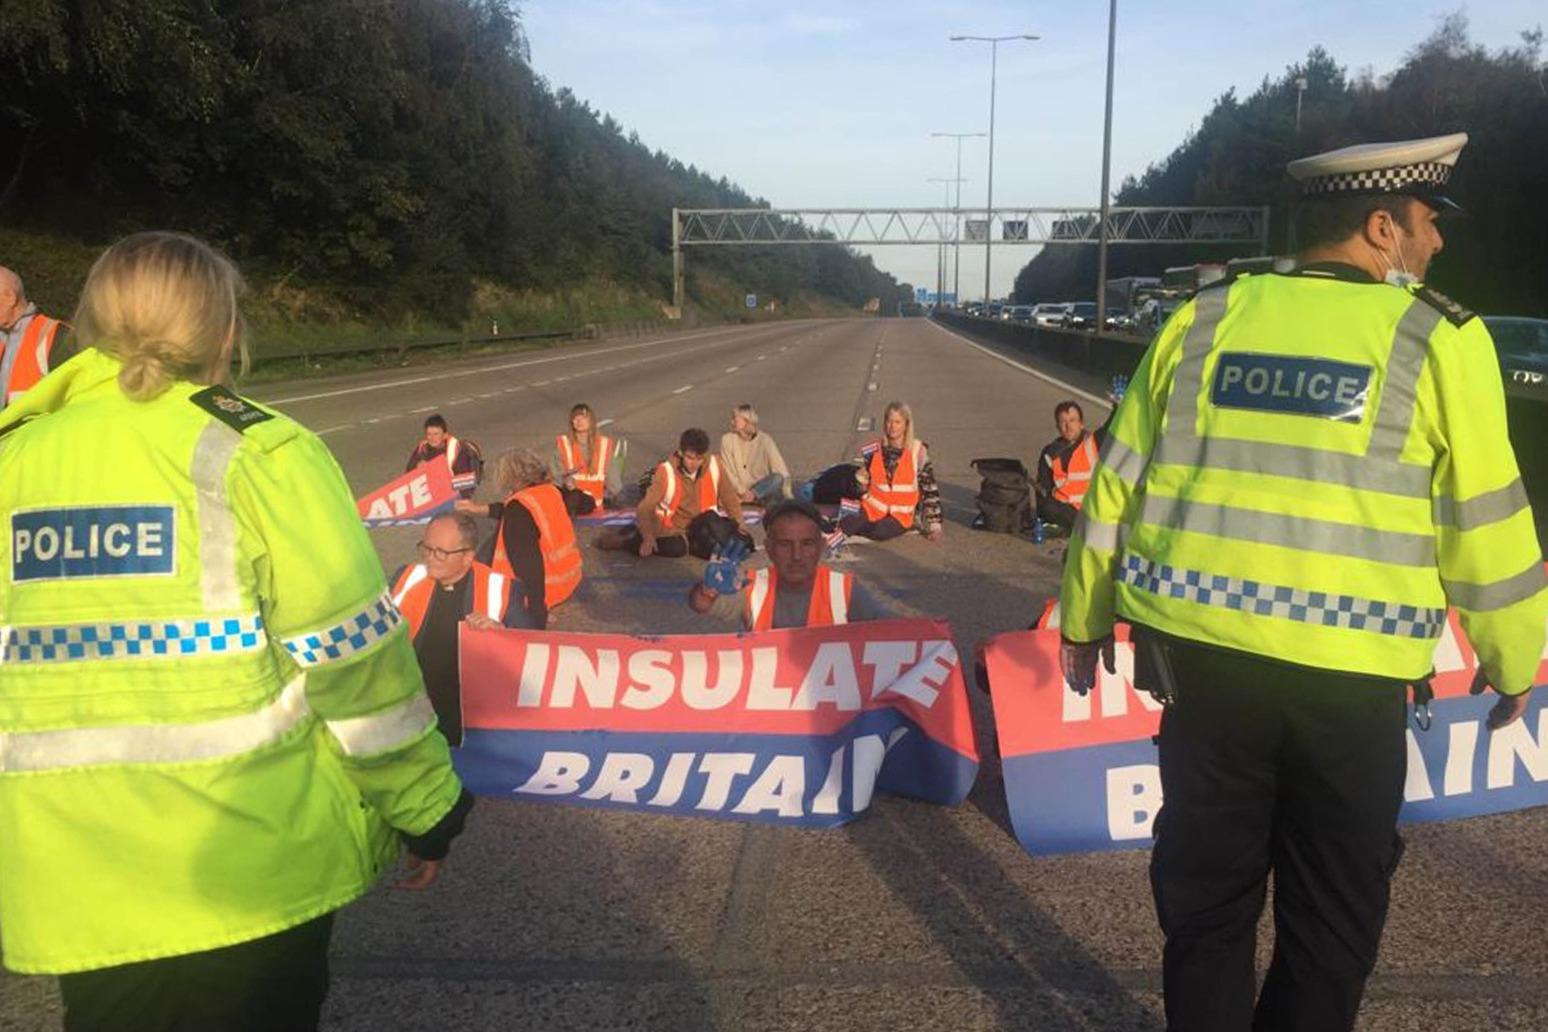 M25 protesters declare 'campaign goes on' despite prison threat